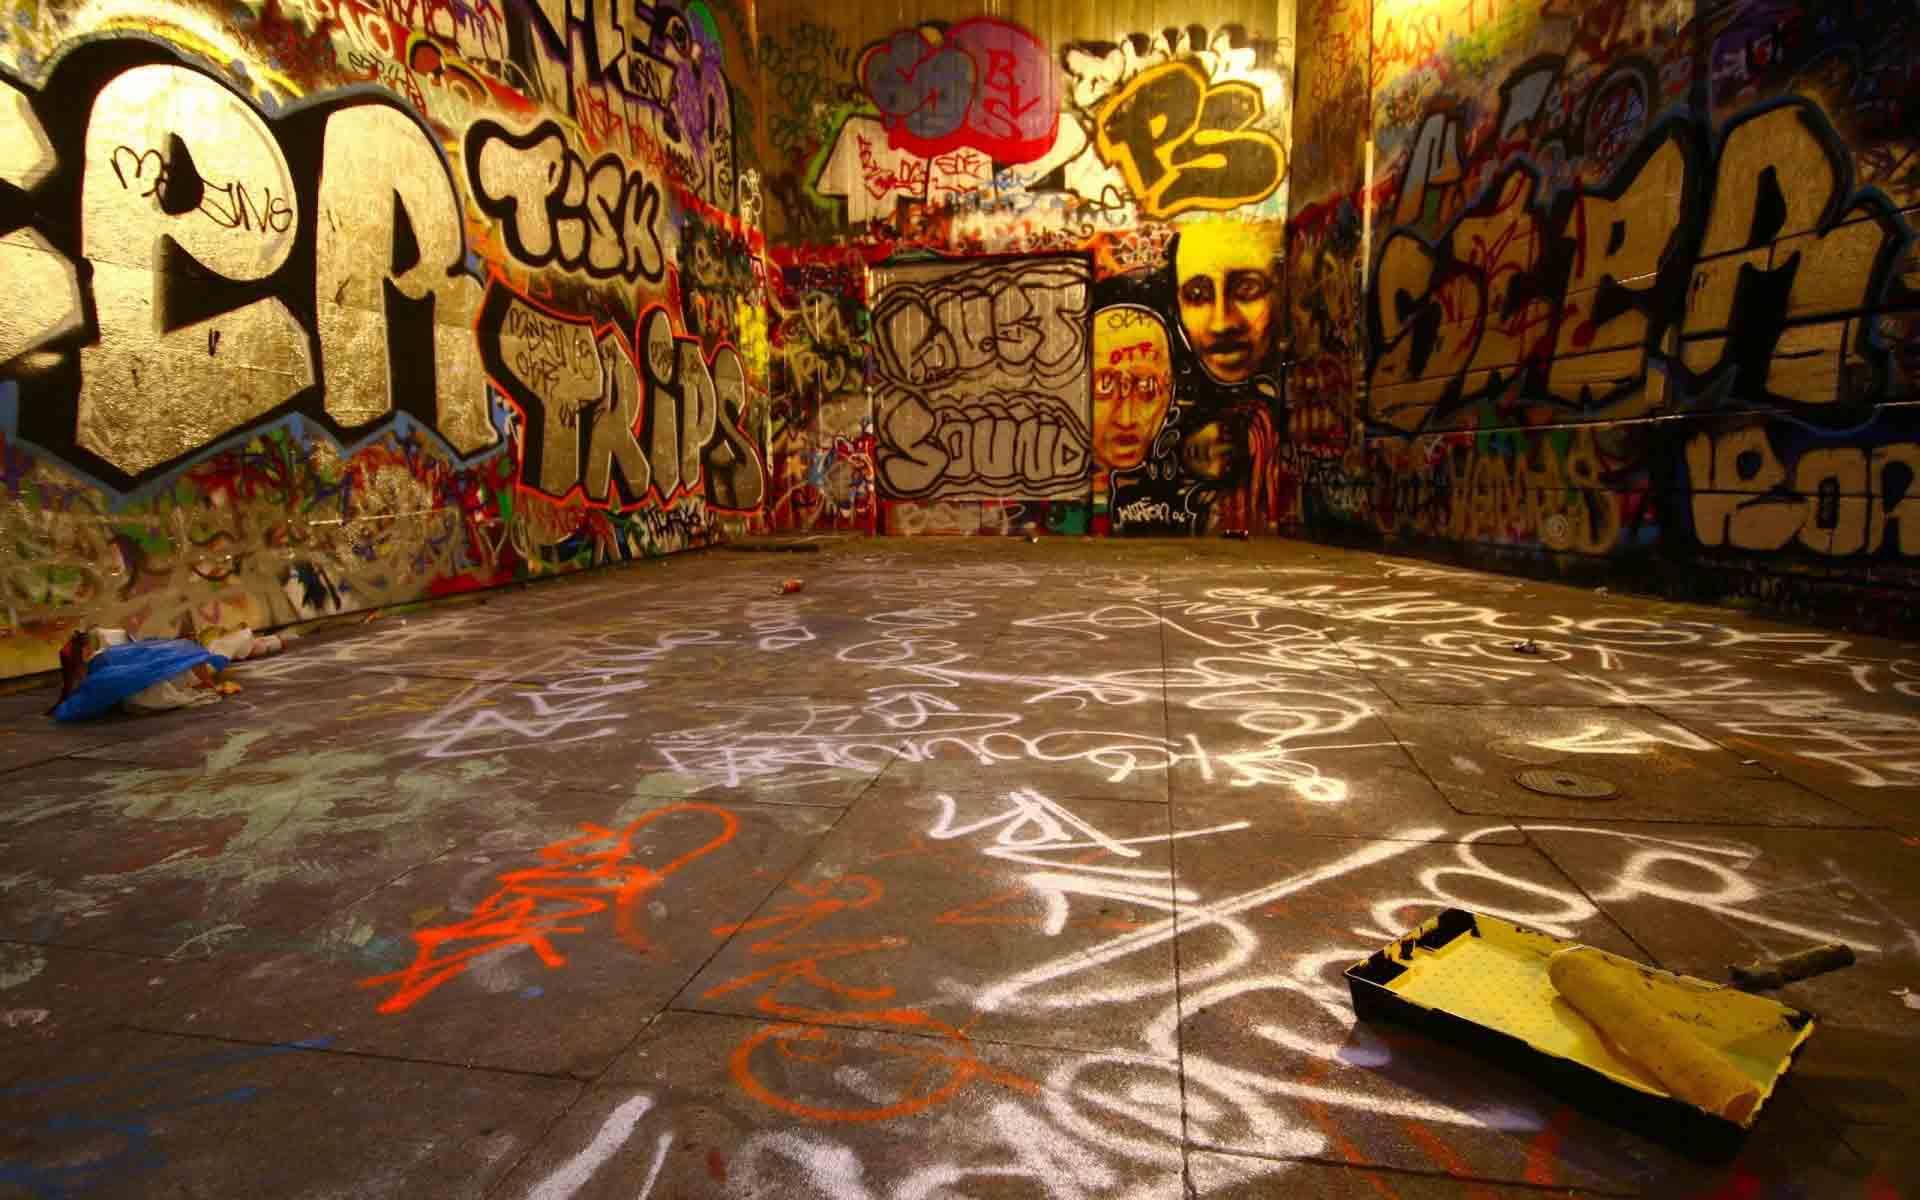 Graffiti Wall HD Wallpaper Free Download | New HD Wallpapers Download